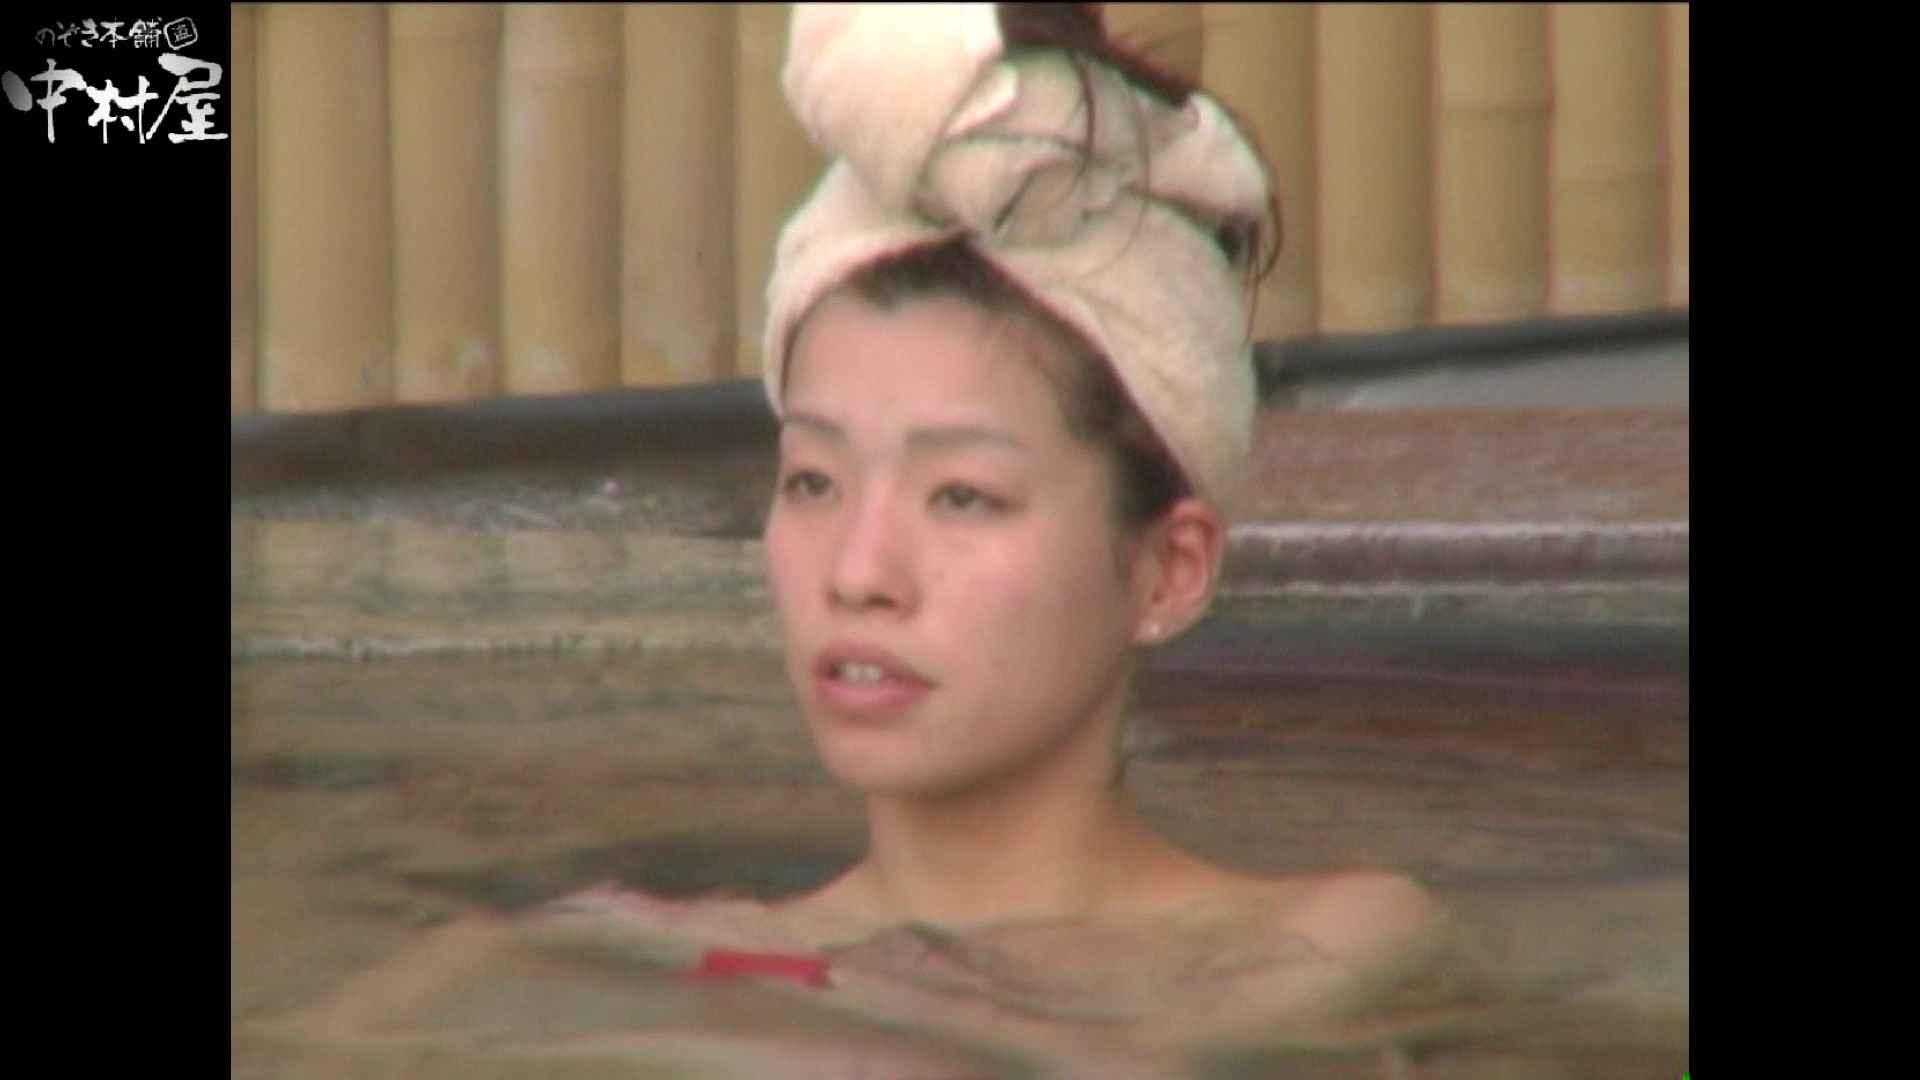 Aquaな露天風呂Vol.979 美しいOLの裸体 | 盗撮師作品  71pic 31